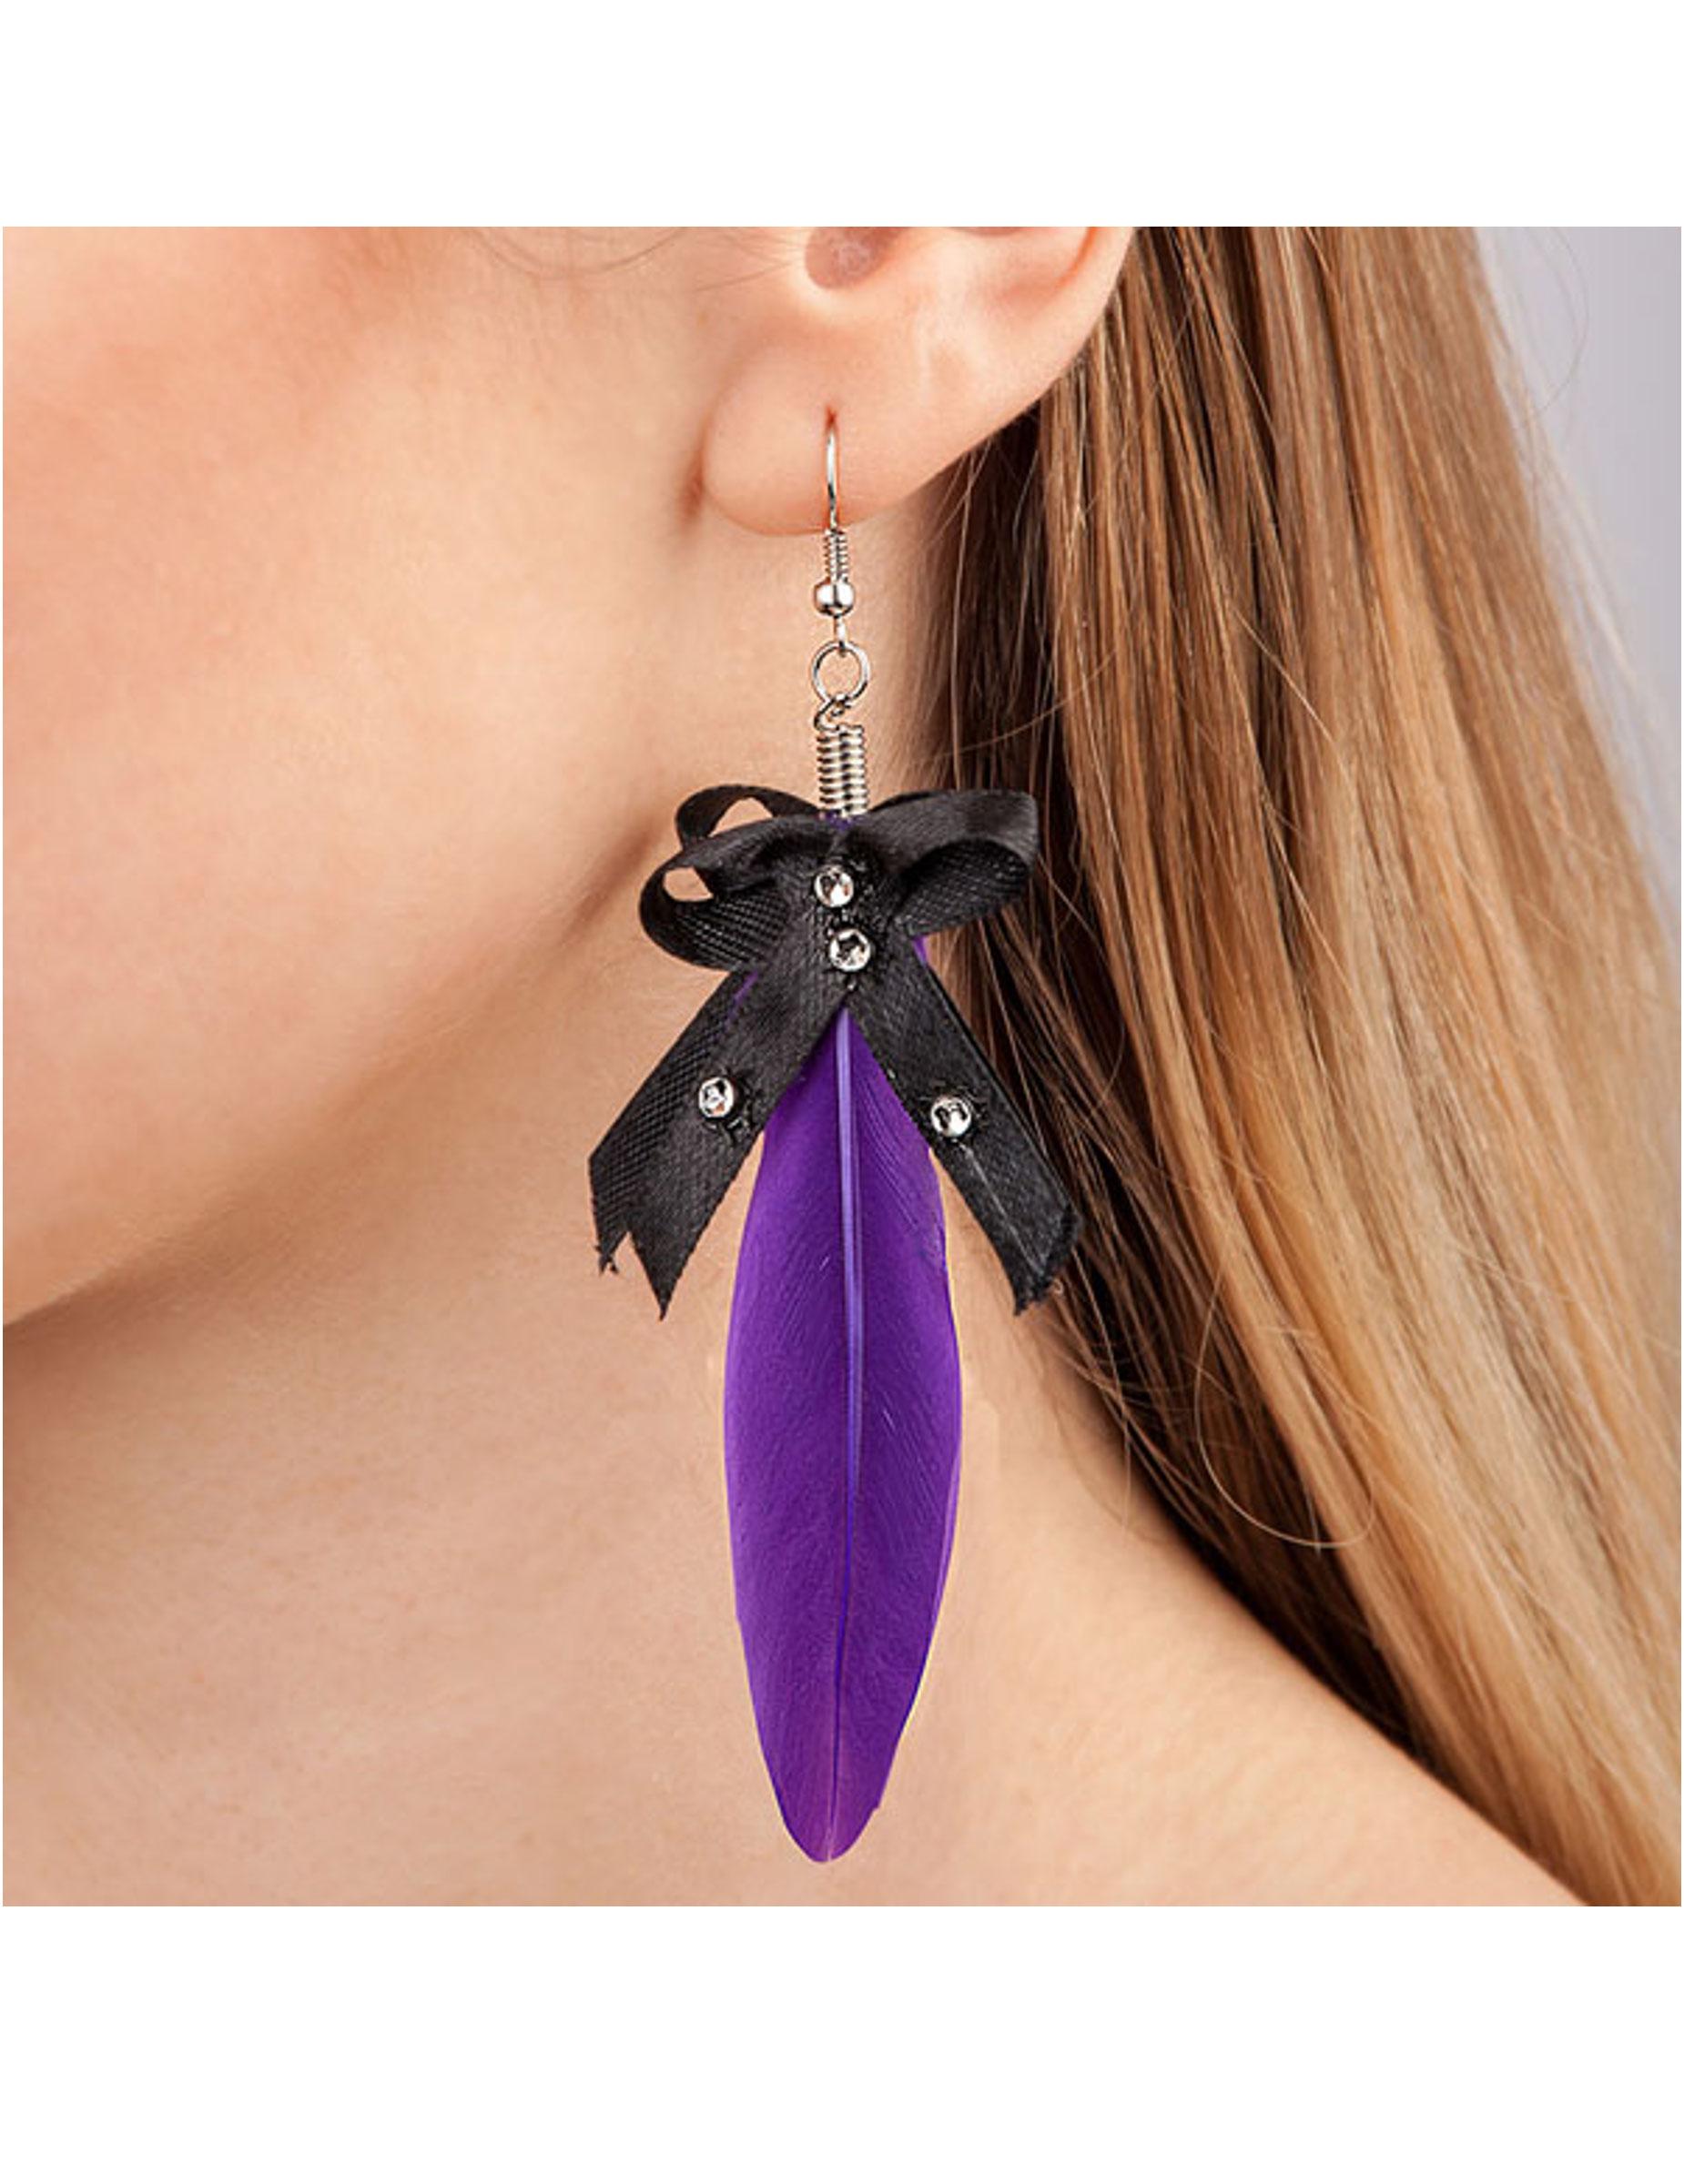 Violette Violette D'oreilles Boucles Boucles Violette Adulte Plume Adulte D'oreilles Plume Boucles D'oreilles Plume 4R5AjL